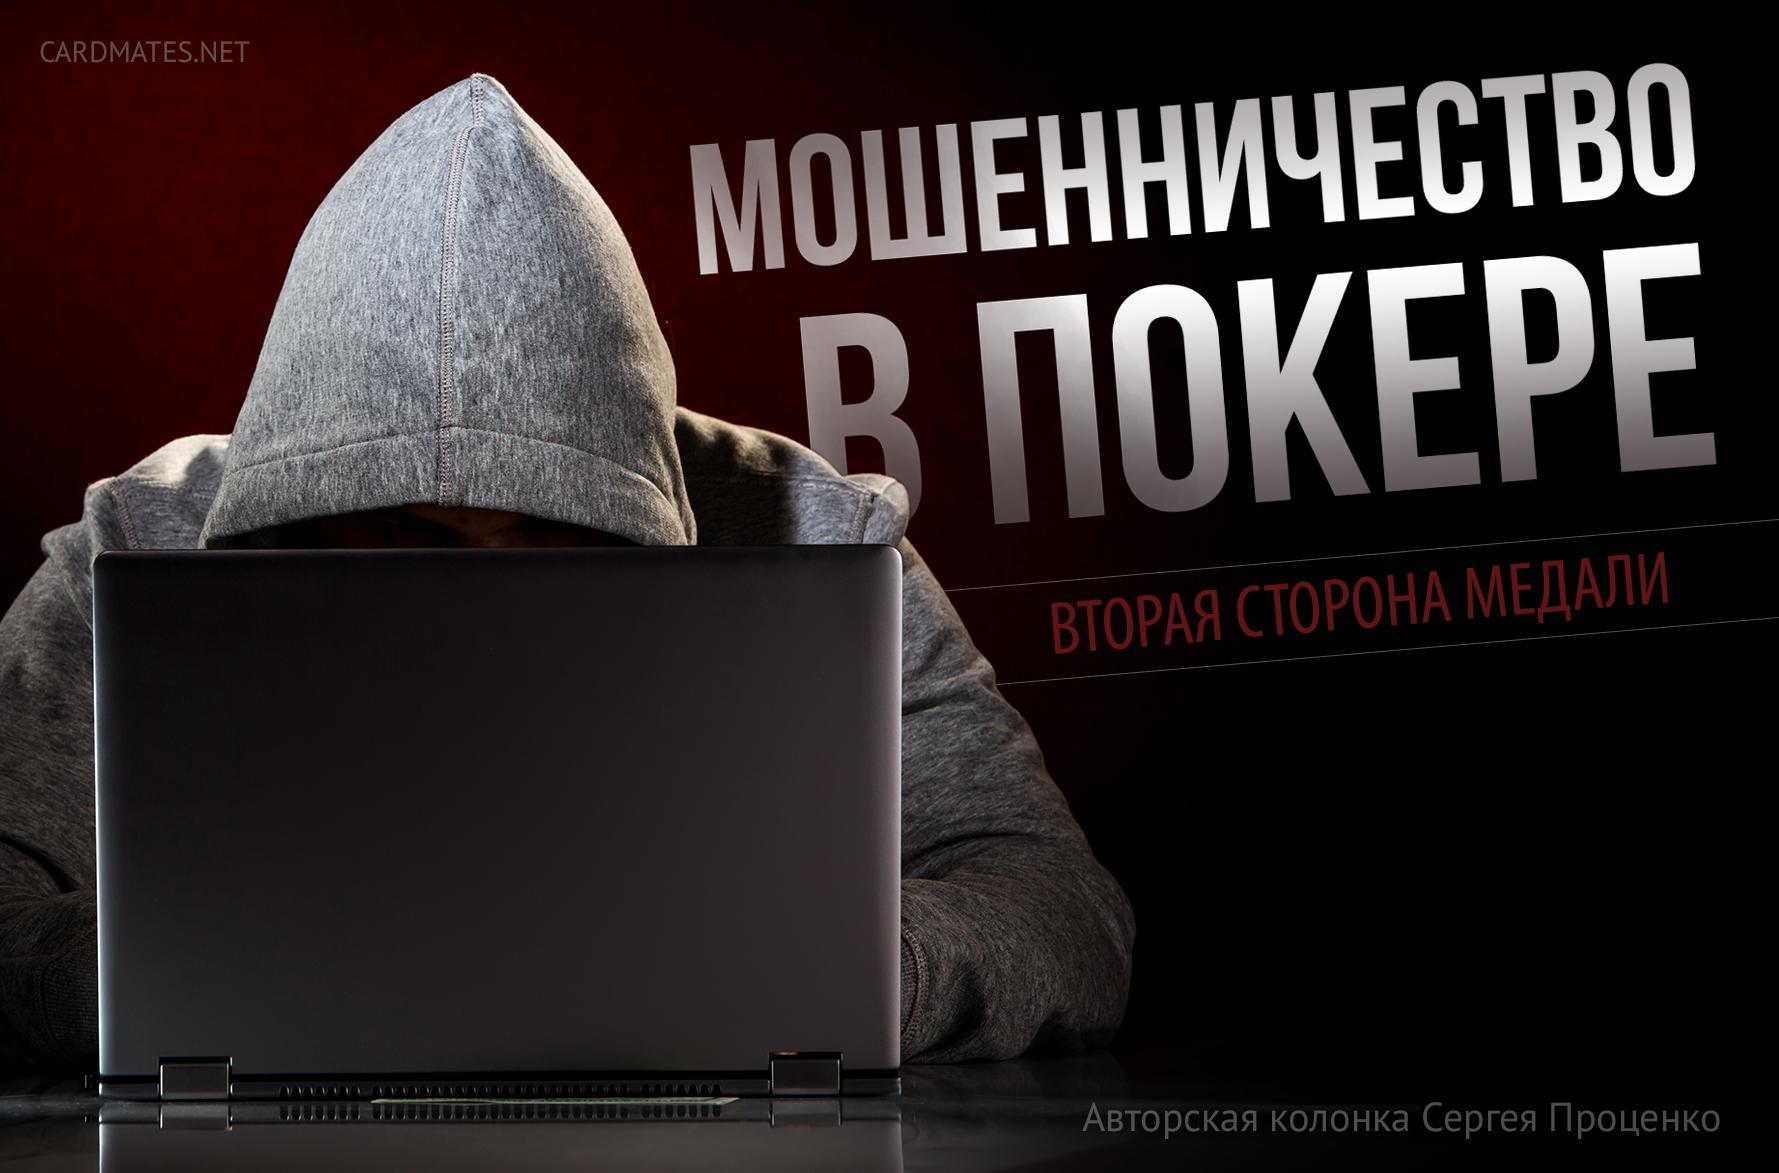 мошенничество покер